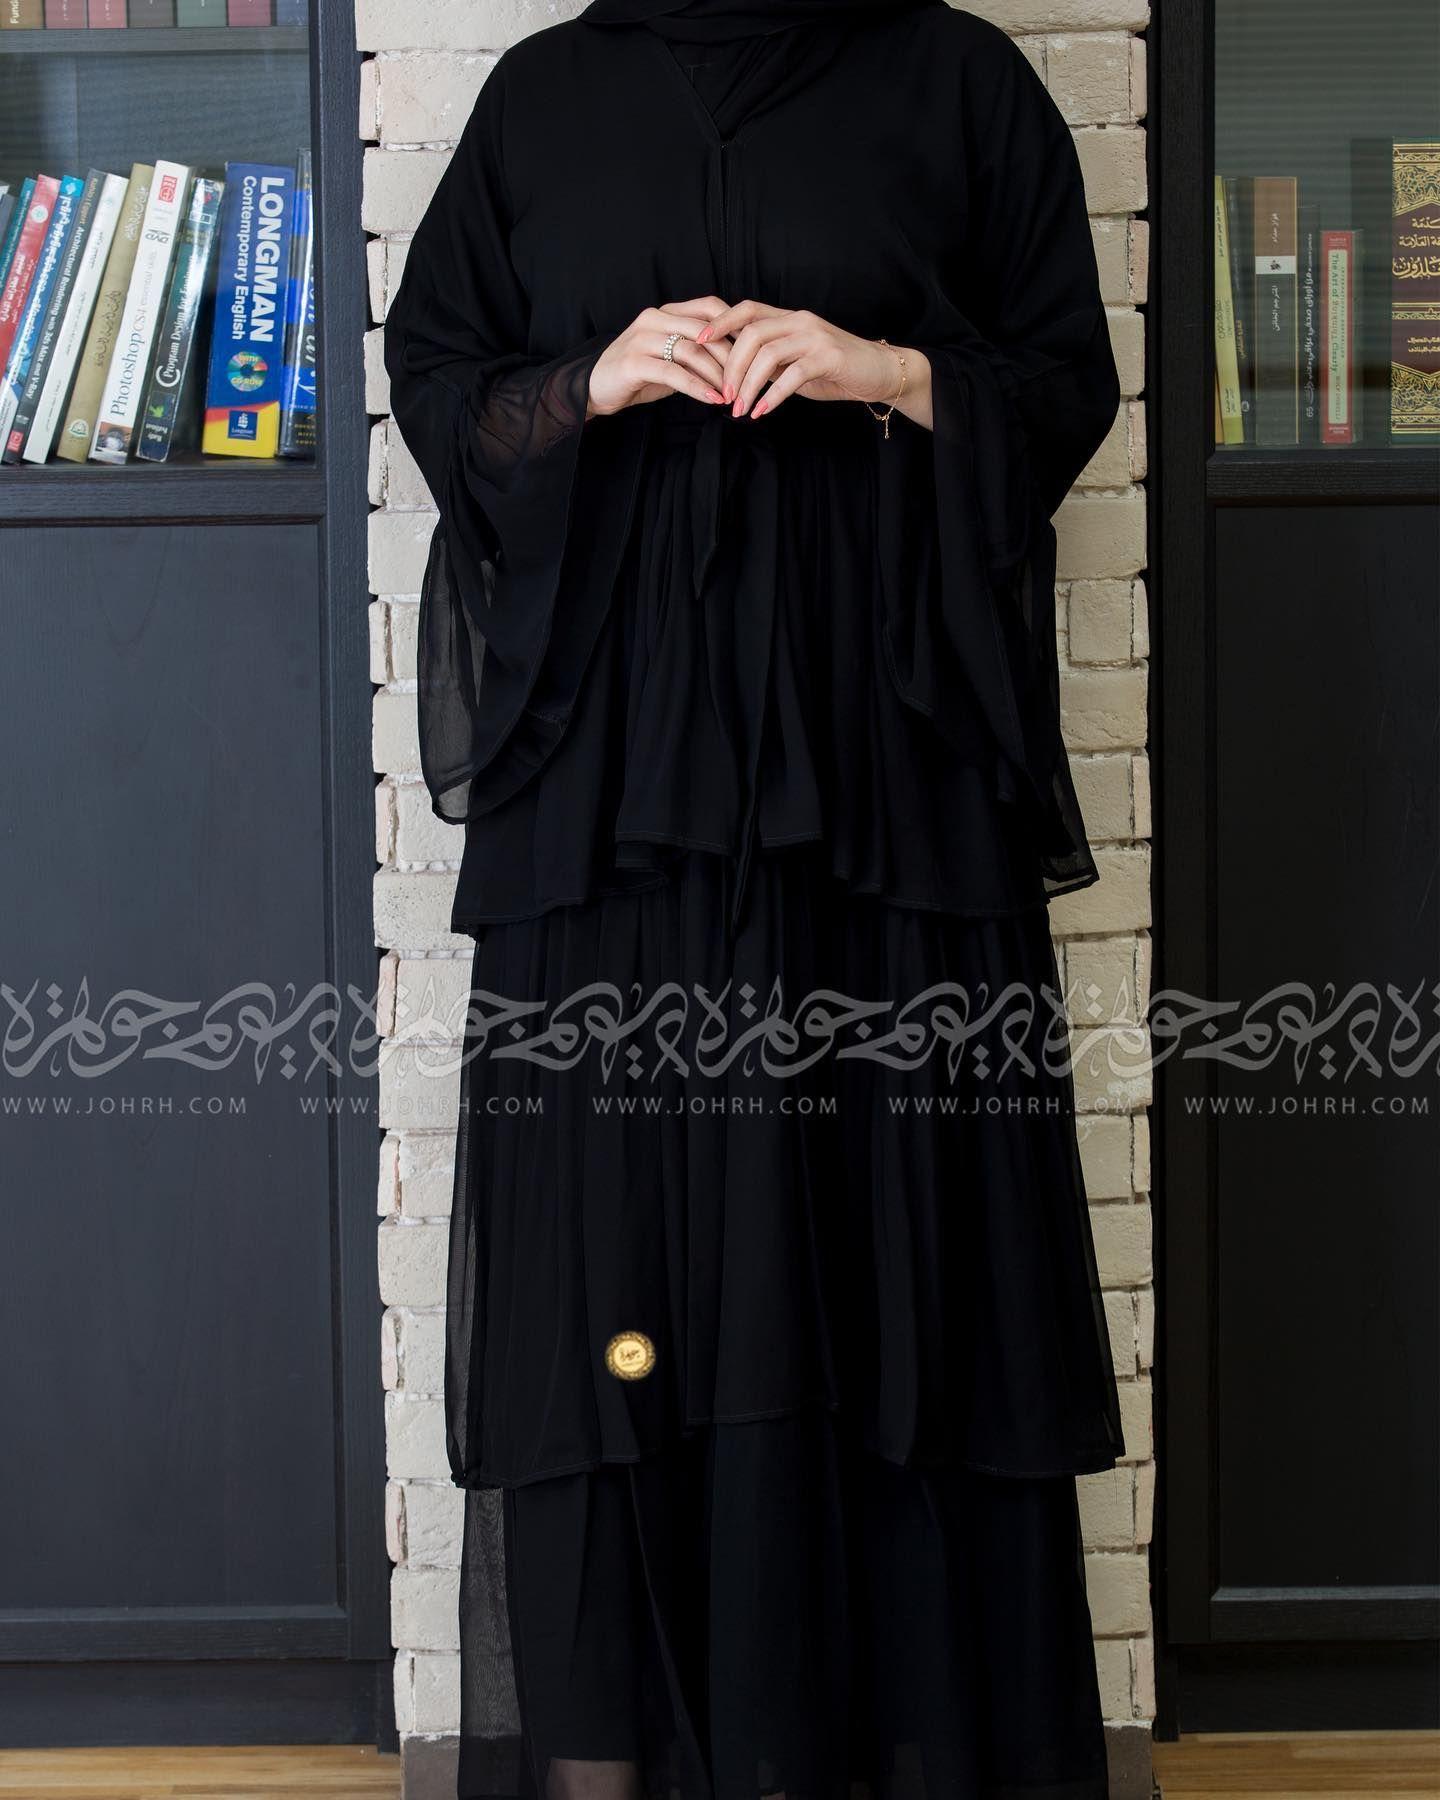 عباية بلاك بيري طبقات شيفون رقم الموديل 1670 العسر بعد الخصم 230 متجر جوهرة عباية عبايات ستايل عباية Victorian Dress Fashion Dresses